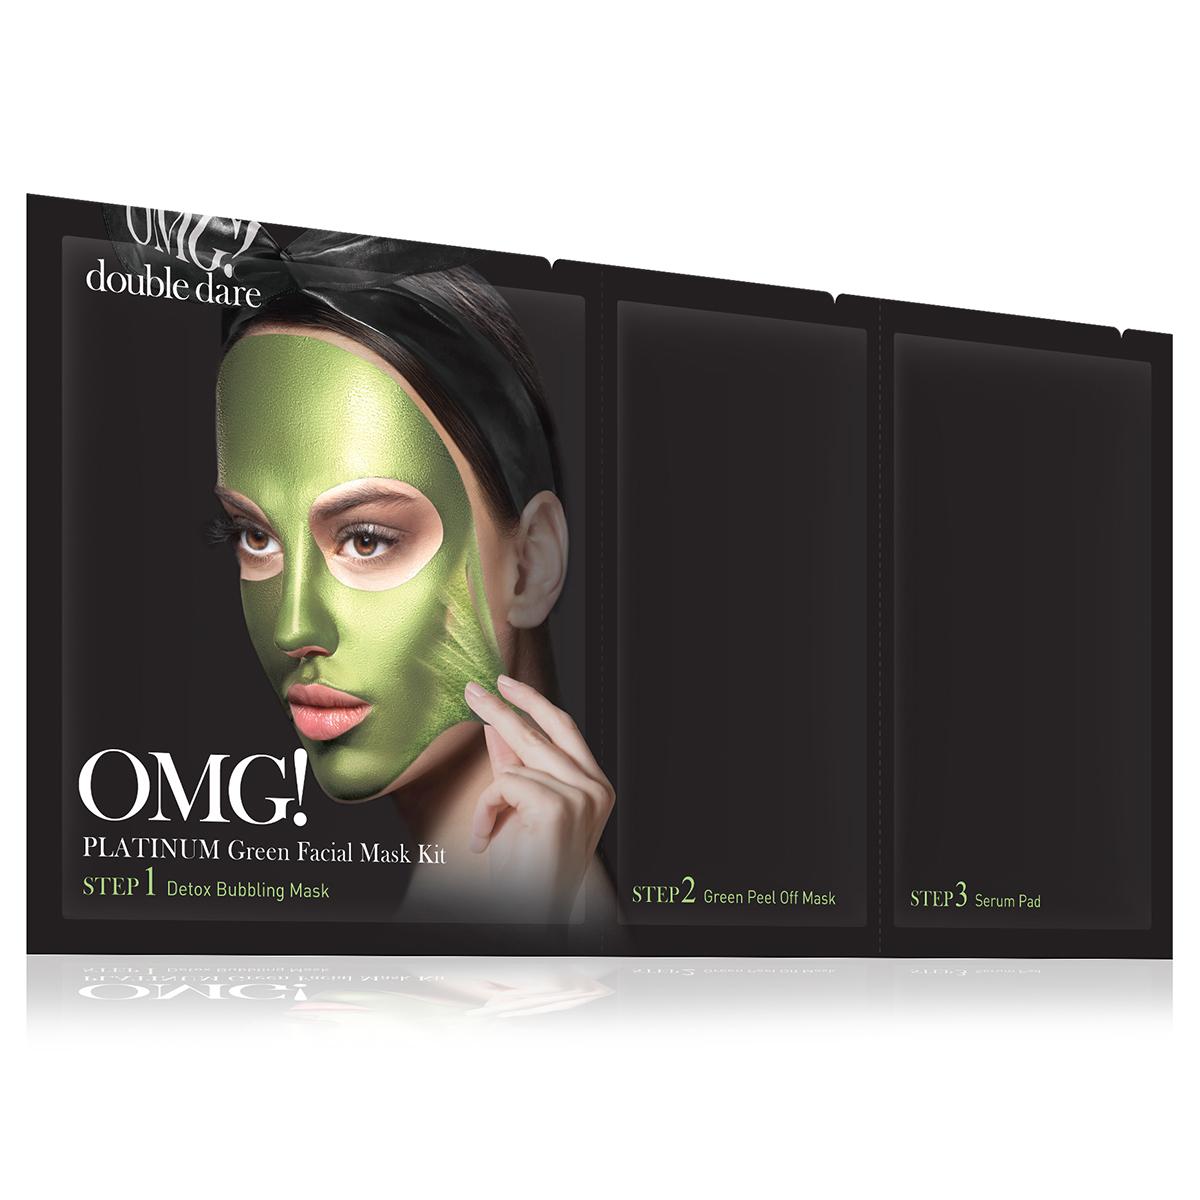 Double Dare OMG! Platinum Green Facial Mask Kit Маска трехкомпонентная для ухода за кожей лица зеленая4620767890599Яркая маска серии Double Dare OMG! Platinum разработана с использованием передовых технологий по очищению лица и уникального состава компонентов.Маска глубоко очищает и увлажняет кожу, придает коже мягкость и свежесть, обладает антивозрастным эффектом.Отличительной чертой зеленой маски является присутствие в составе ламинарии и хлореллы для упругости и себоконтроля.Три простых шага для глубокого очищения, улучшения цвета и общего состояния кожи лица!Шаг 1. Детокс кислородная маска для глубокого очищения.Кислородная маска-детокс аккуратно очищает кожу и придает лицу свежесть и сияние.Способ применения:Нанесите маску на кожу до или после снятия макияжа. Оставьте маску на лице на 1-3 минуты. Тщательно смойте маску водой и высушите лицо.Состав:Water, Glycerin, Cocamidopropyl Betaine, Dipropylene Glycol, Disiloxane, Methyl Perfluorobutyl Ether, Water, Methyl Perfluoroisobutyl Ether, Butylene Glycol, Sodium Cocoyl Apple Amino Acids, Hexylene Glycol, Hydroxyethylcellulose, 1,2-Hexanediol, Sodium Chloride, Ethylhexylglycerin, Disodium EDTA, Phenoxyethanol, Fragrance.Шаг 2. Очищающая маска-пленка.Нежная маска-пленка с ламинарией и хлореллой для упругости и себоконтроля.Способ применения:Нанесите тонкий ровный слой маски на лицо. Оставьте маску на лице на 20-30 минут до полного высыхания. Очистите лицо от маски.Состав:Water, Polyvinyl Alcohol, Alcohol, Dipropylene Glycol, Mica, Titanium Dioxide, Synthetic Fluorphlogopite, Polysorbate 20, Xanthan Gum, Butylene Glycol, Glycerin, Polymethylsilsesquioxane, Isohexadecane, Dimethicone, Steareth-21, Steareth-2, Ficus Carica (Fig) Fruit/Leaf Extract, Ulmus Davidiana Root Extract, Diospyros Kaki Leaf Extract, Houttuynia Cordata Extract, Eriobotrya Japonica Leaf Extract, Laminaria Japonica Extract, Chlorella Vulgaris Extract, Undaria Pinnatifida Extract, PEG-40 Stearate, Cetearyl Methicone, Montmorillonite, Iron Oxides, Et